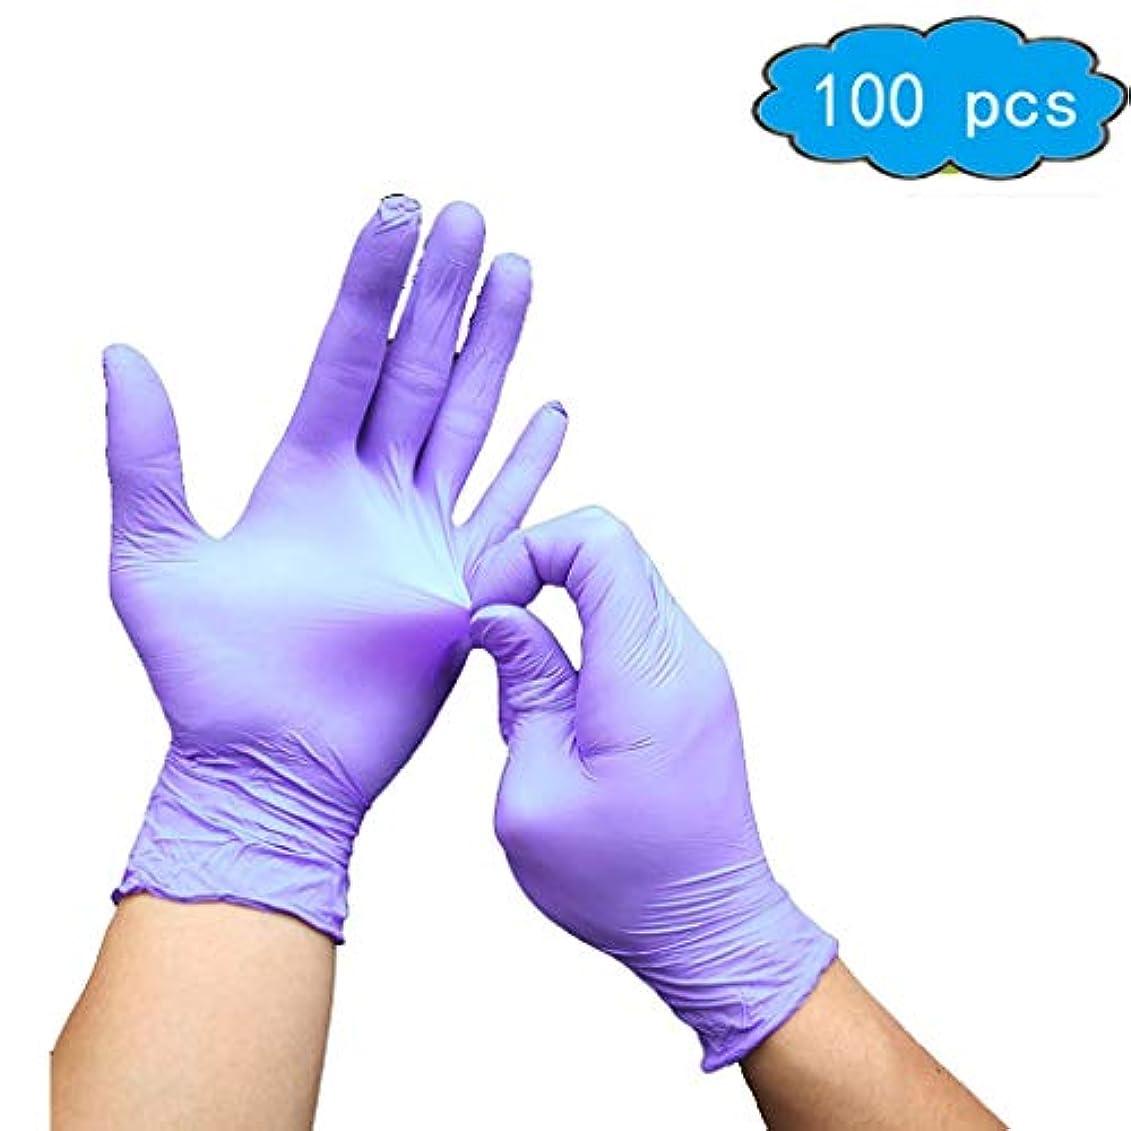 マスクテナント落ち着いて使い捨てニトリル手袋-4ミル、パウダーフリー、テクスチャード、使い捨て、小、100個入り、防水、ゴムラテックス、タトゥー、耐油性 (Color : Purple, Size : XS)